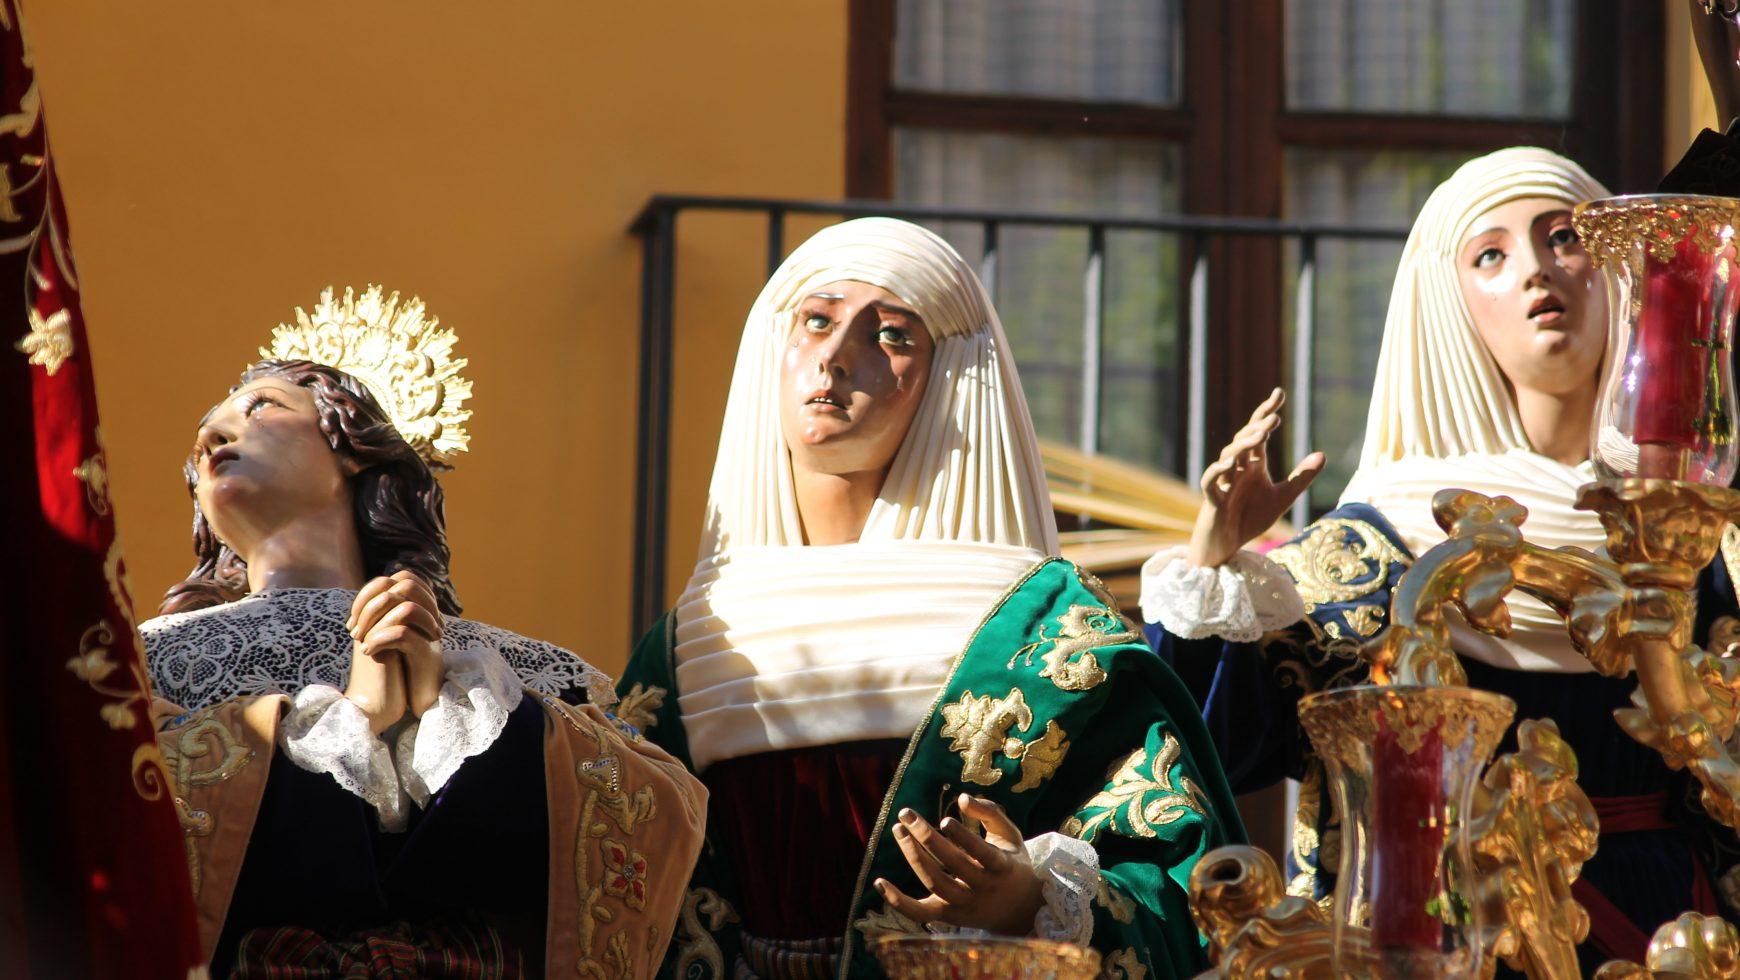 El conjunto escultórico de las Tres Marías acompañará al Cristo de los Desamparados durante sus cultos